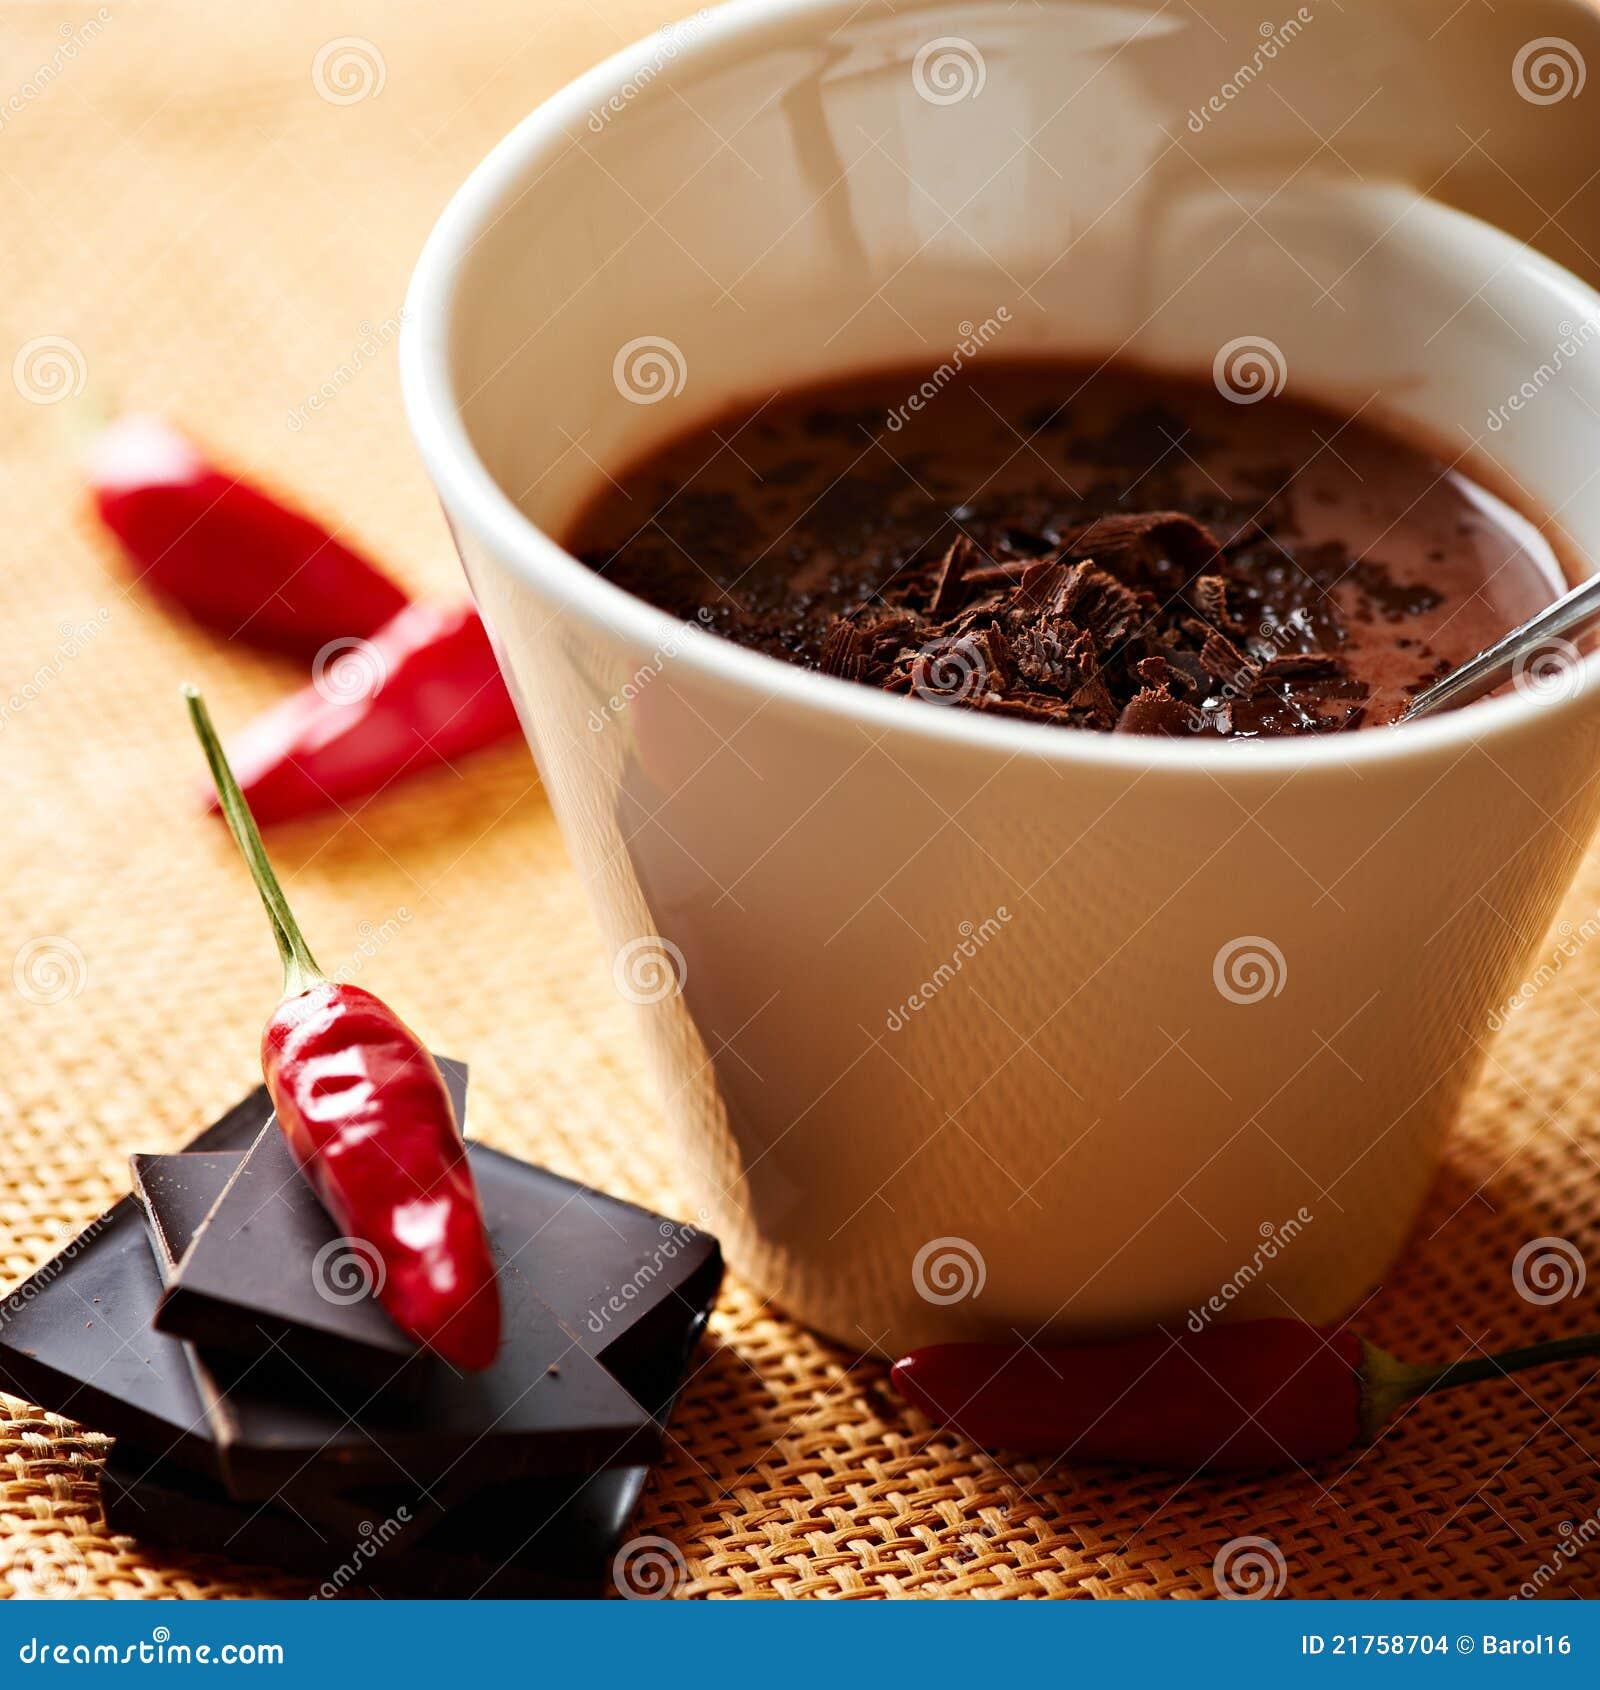 Spicy Chili Spanish Hot Chocolate Stock Photo - Image: 64094798